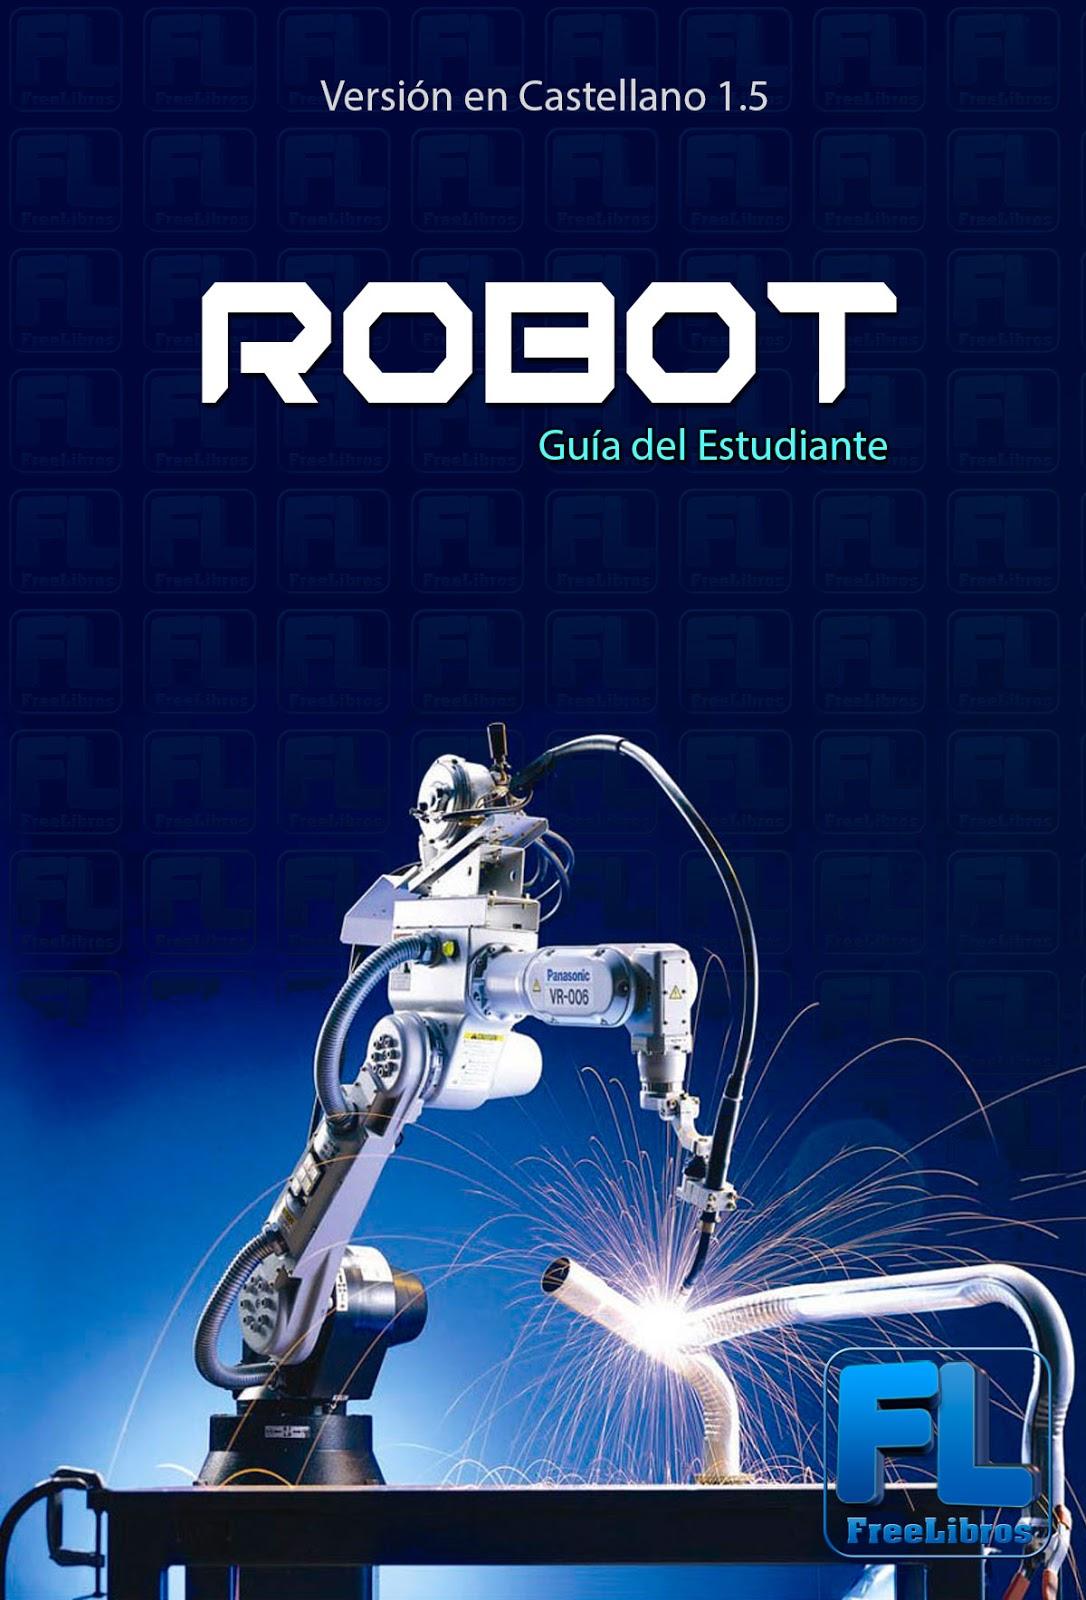 ¡Robótica! Guía del Estudiante